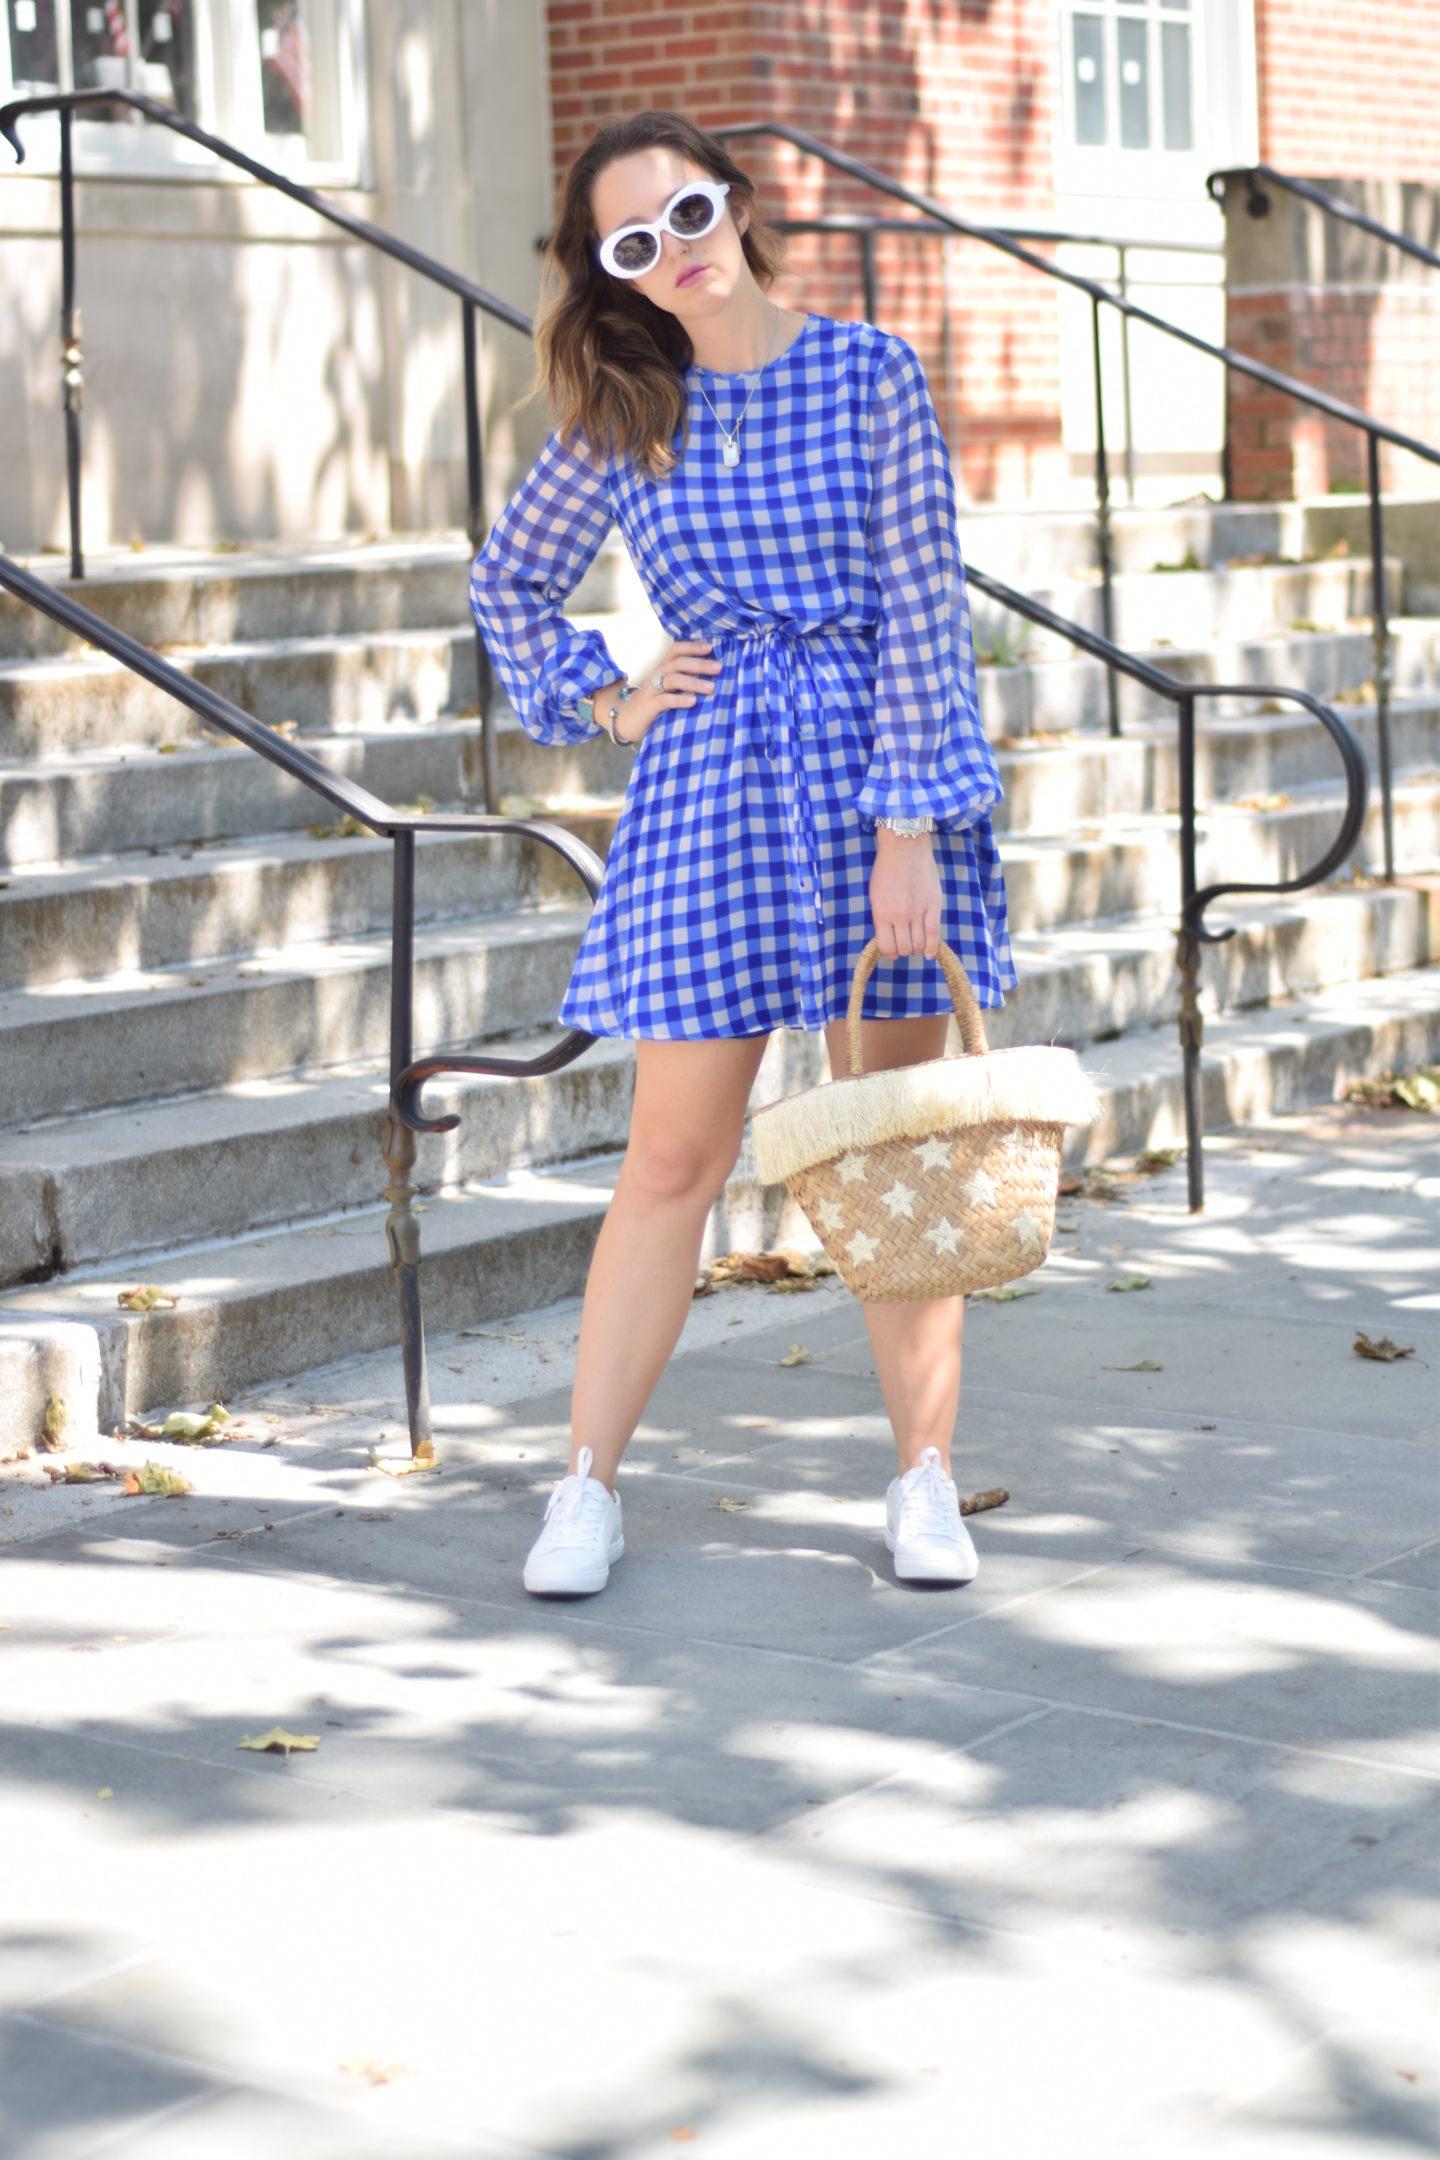 dvf-summer style-gingham dress